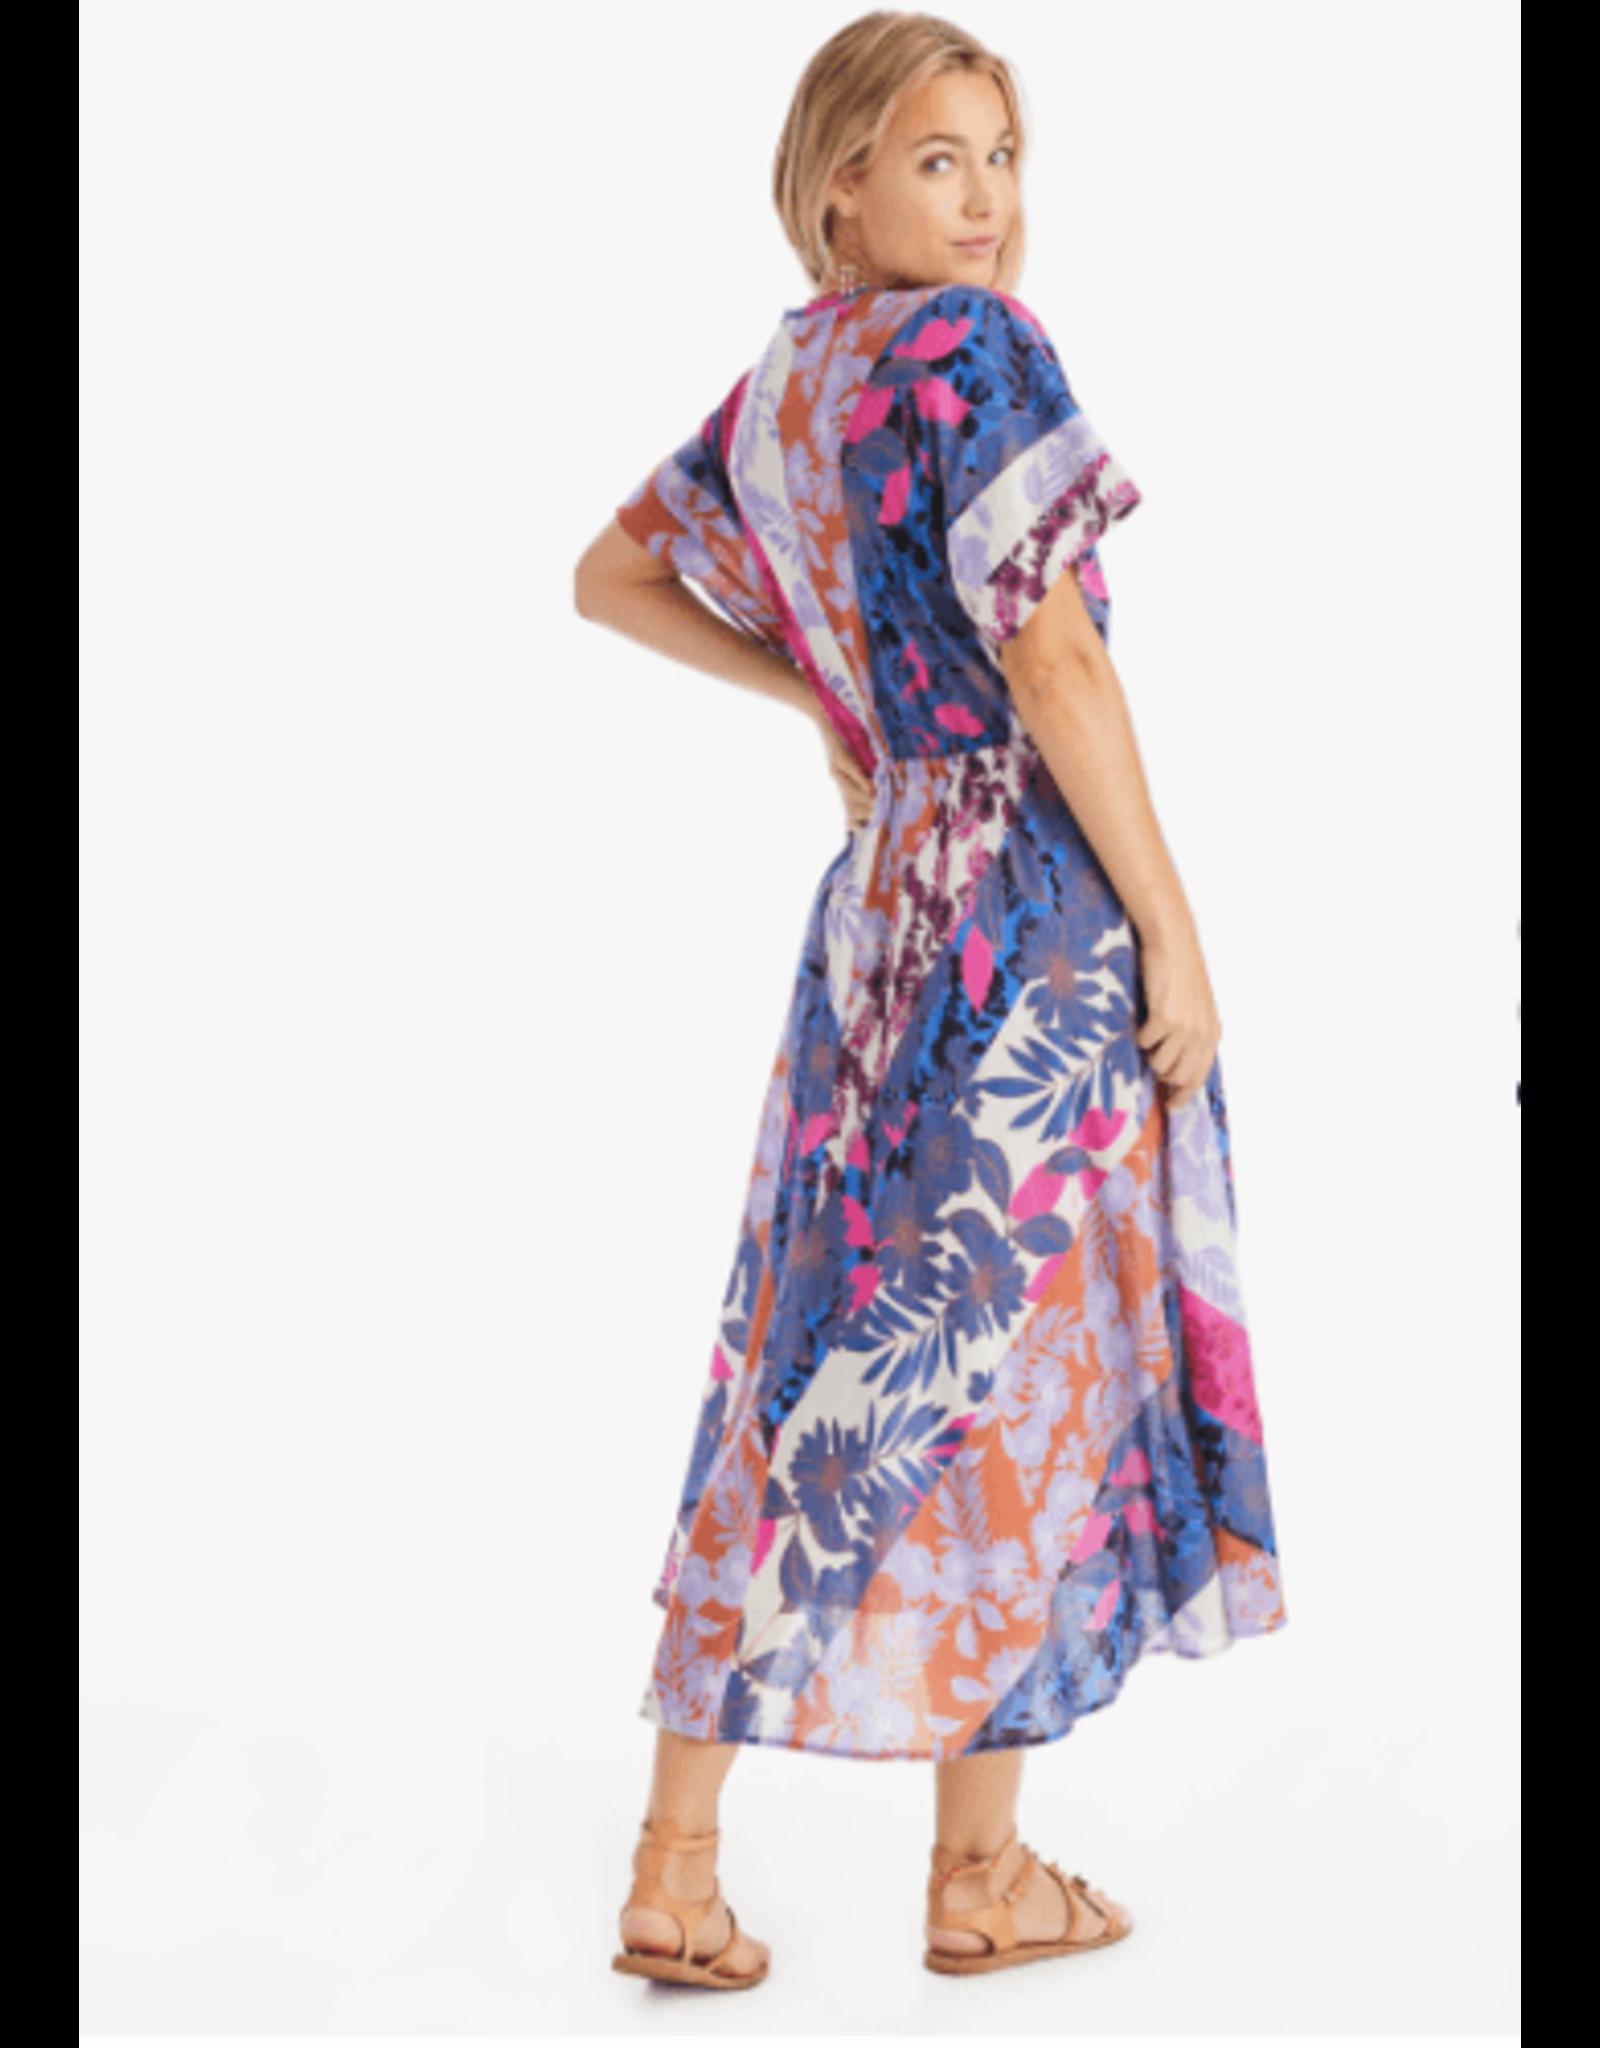 xirena greyson dress